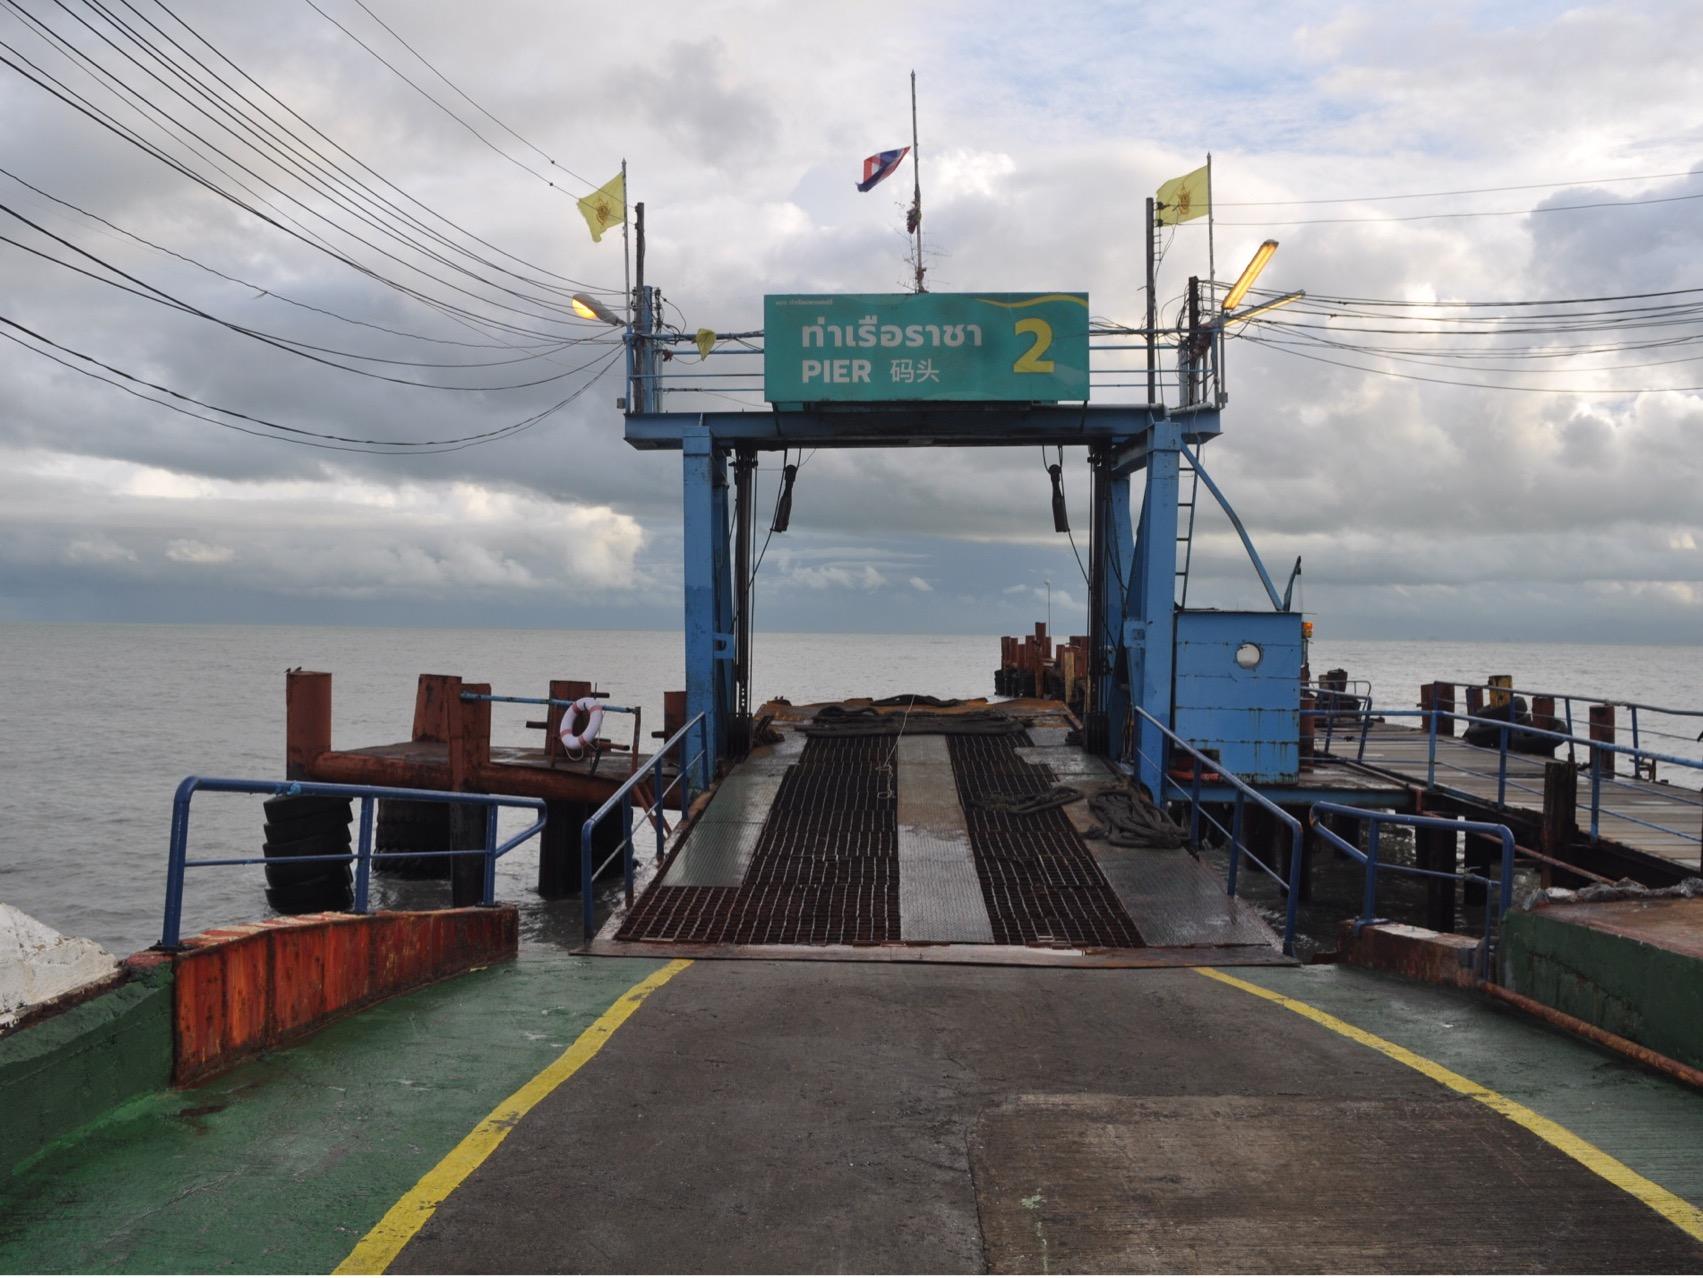 เรือเฟอร์รี่เกาะสมุย-พะงัน เปิดบริการแล้ววันนี้ หลังคลื่นลมสงบ